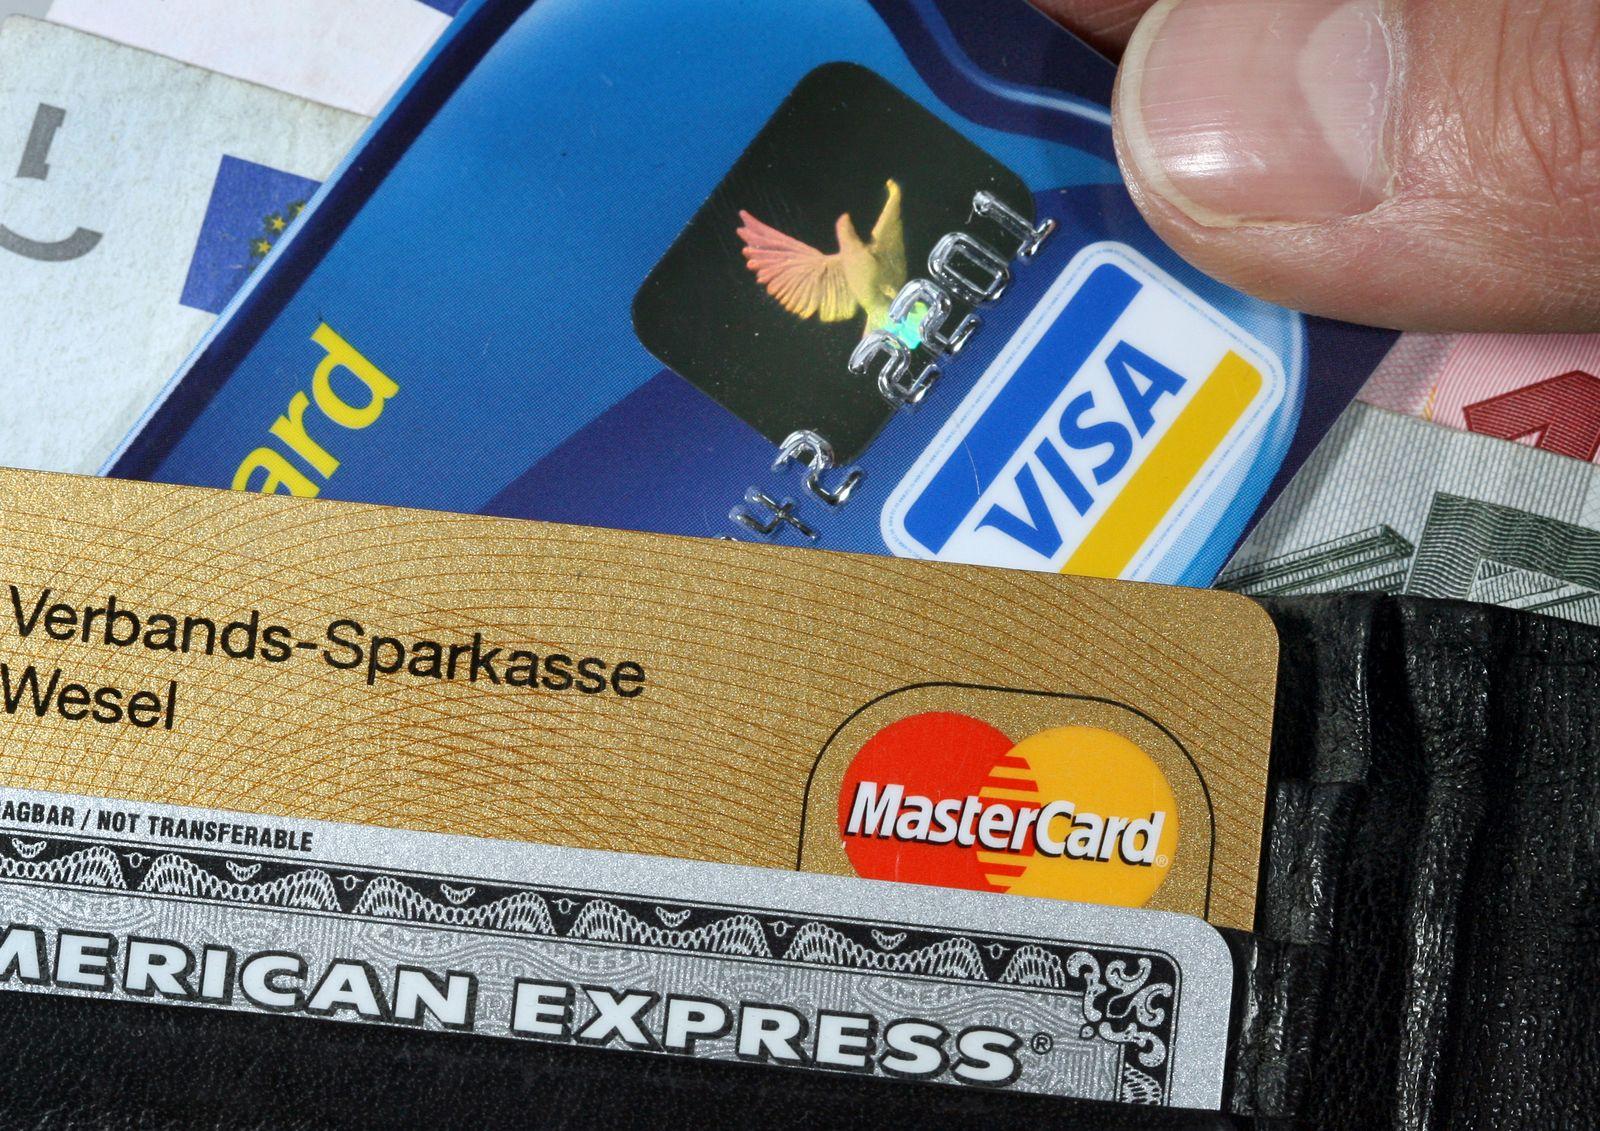 Kreditkarten / Portemonnaie